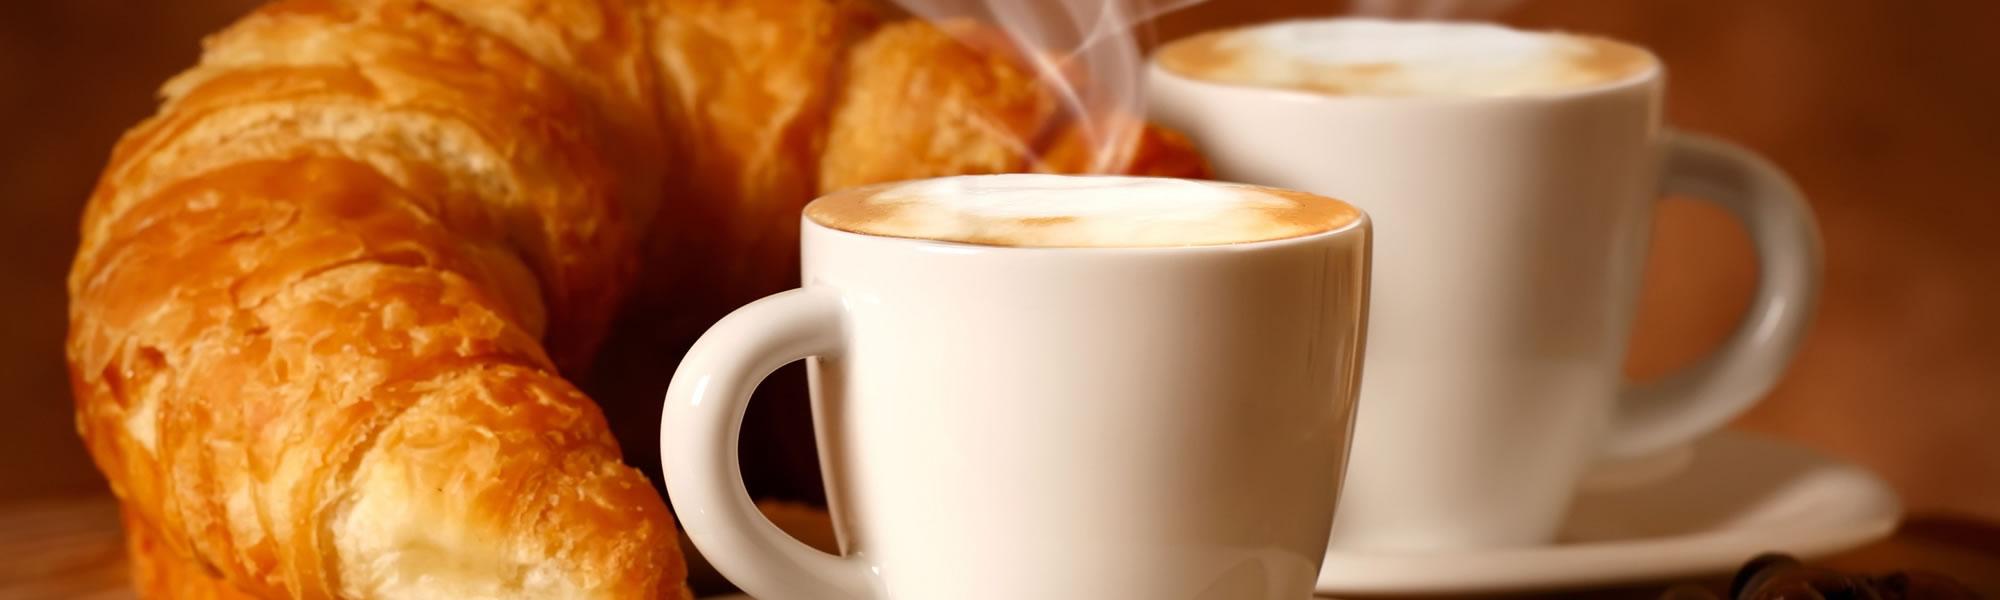 Resultado de imagem para café e pães natal